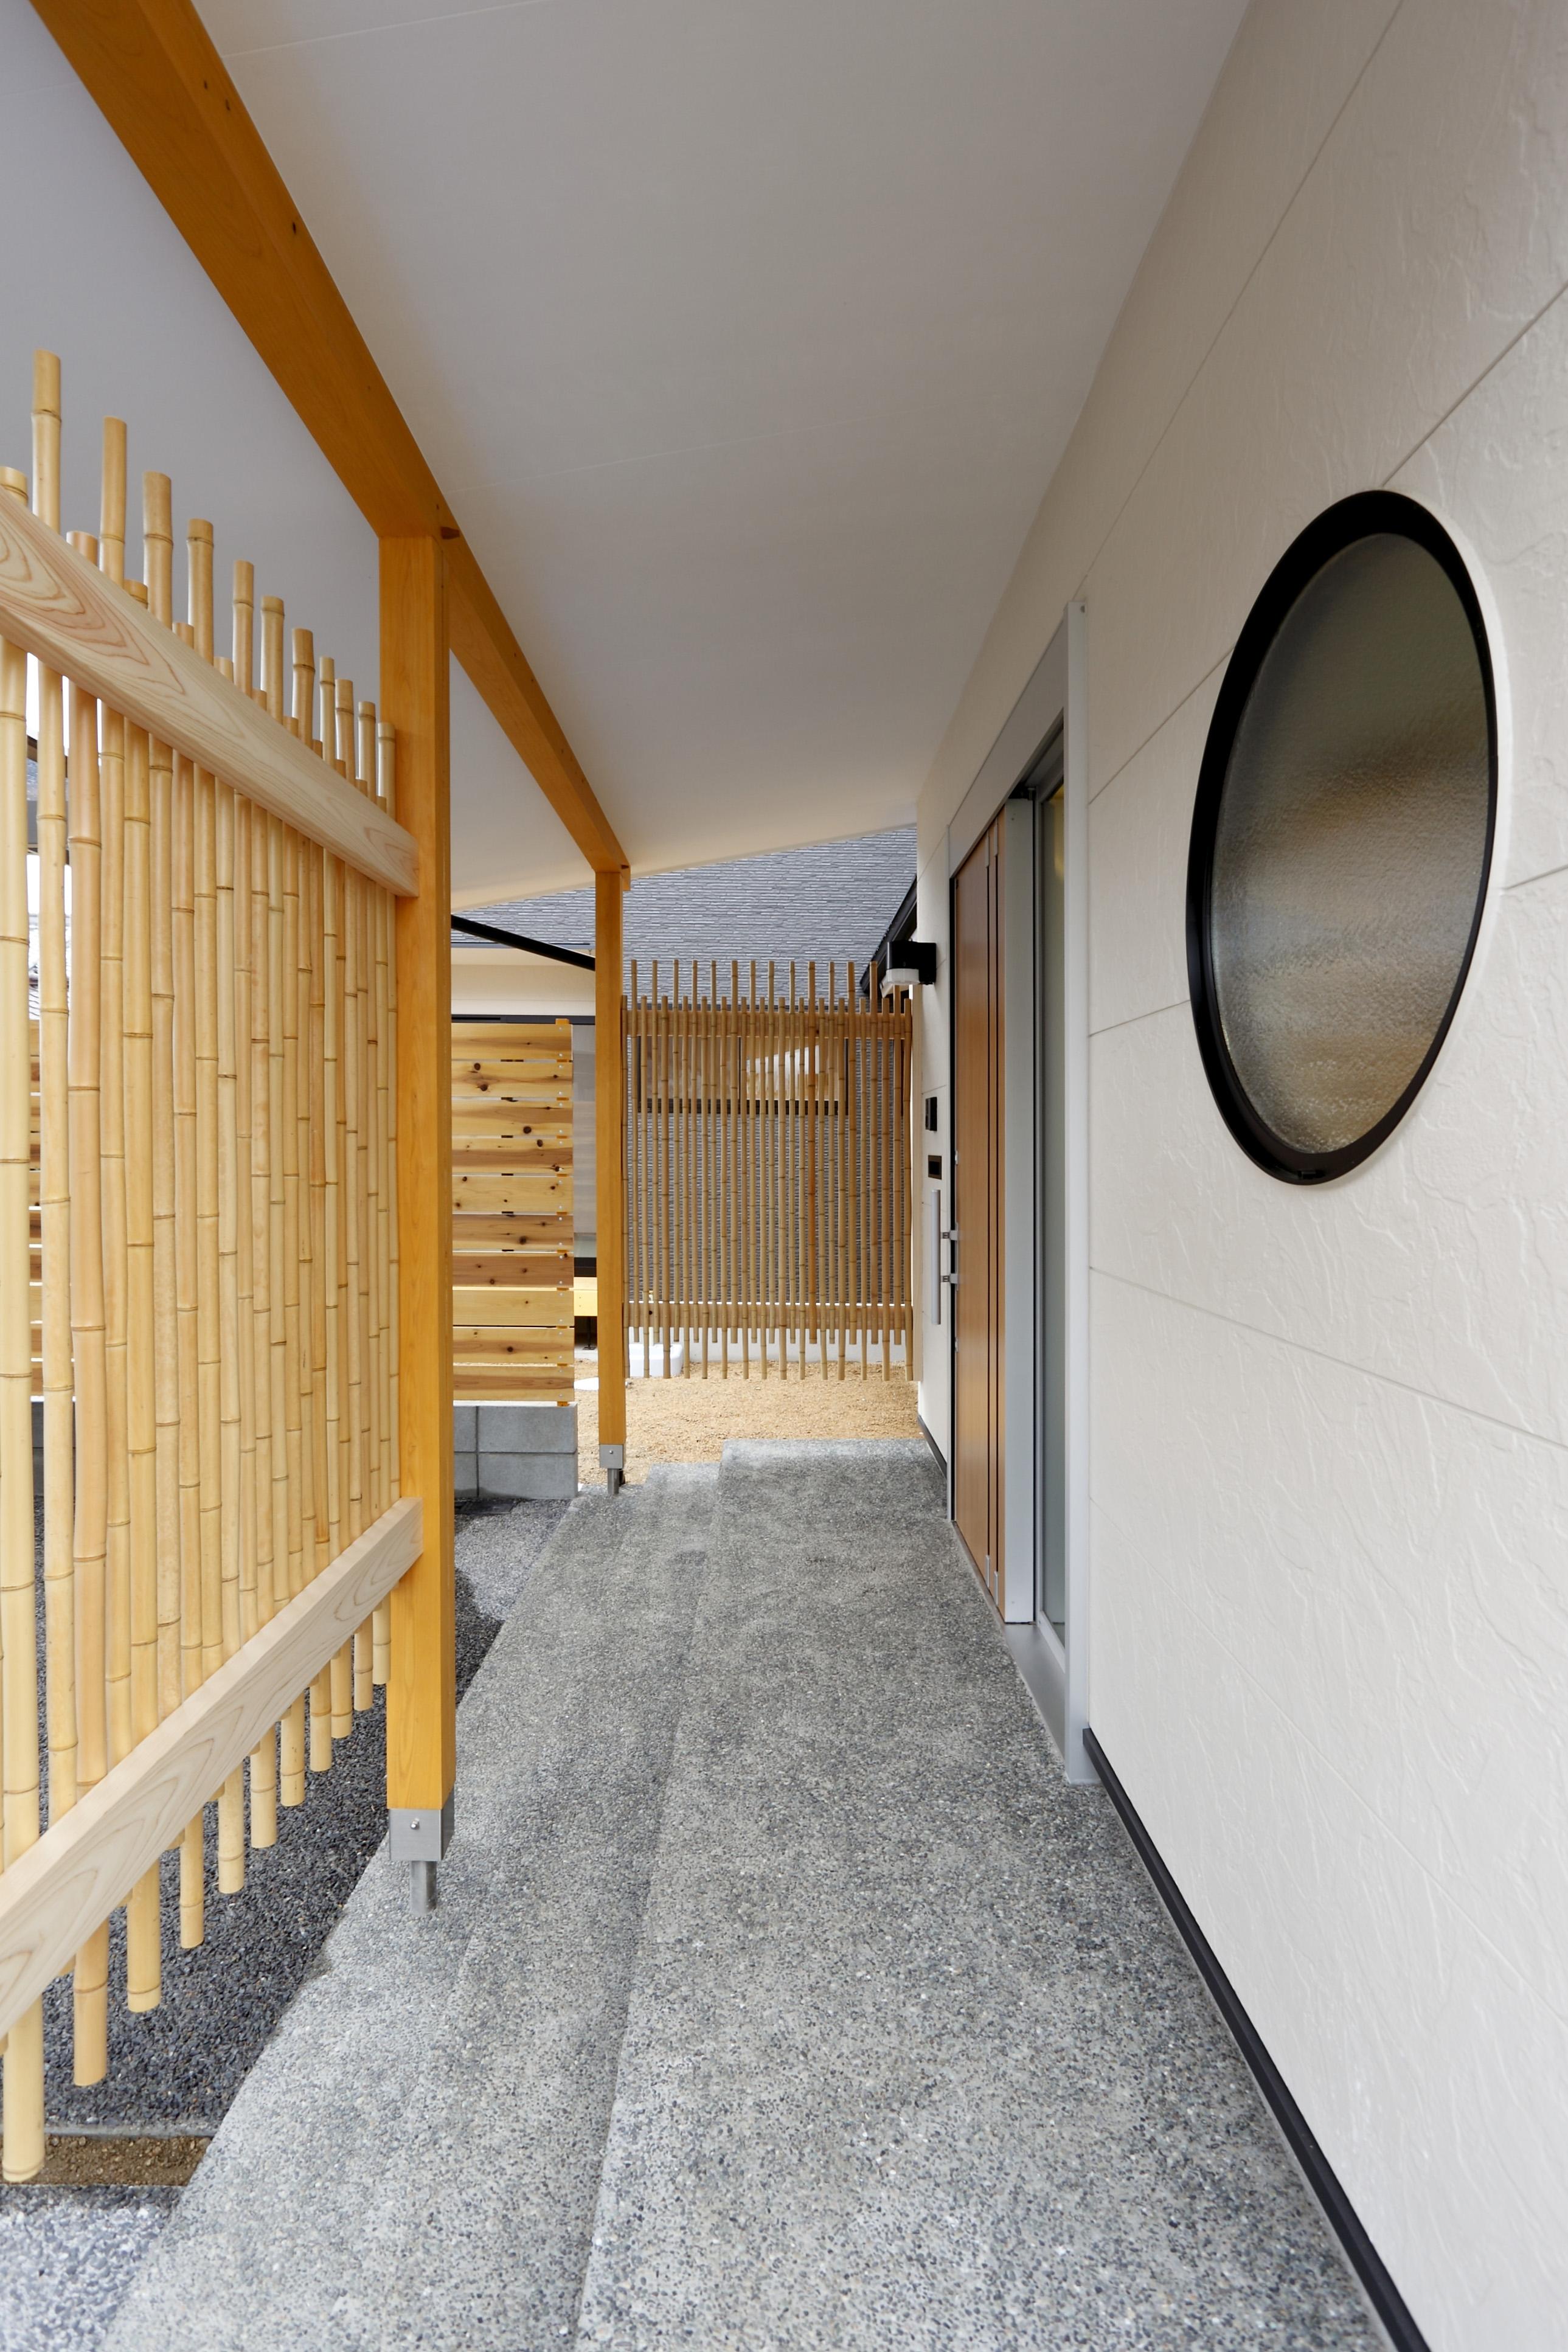 玄関までのアプローチには住まい手の心遣いが表れる。玄関を入るまでの空間にも竹や丸窓で穏やかな空気をつくる